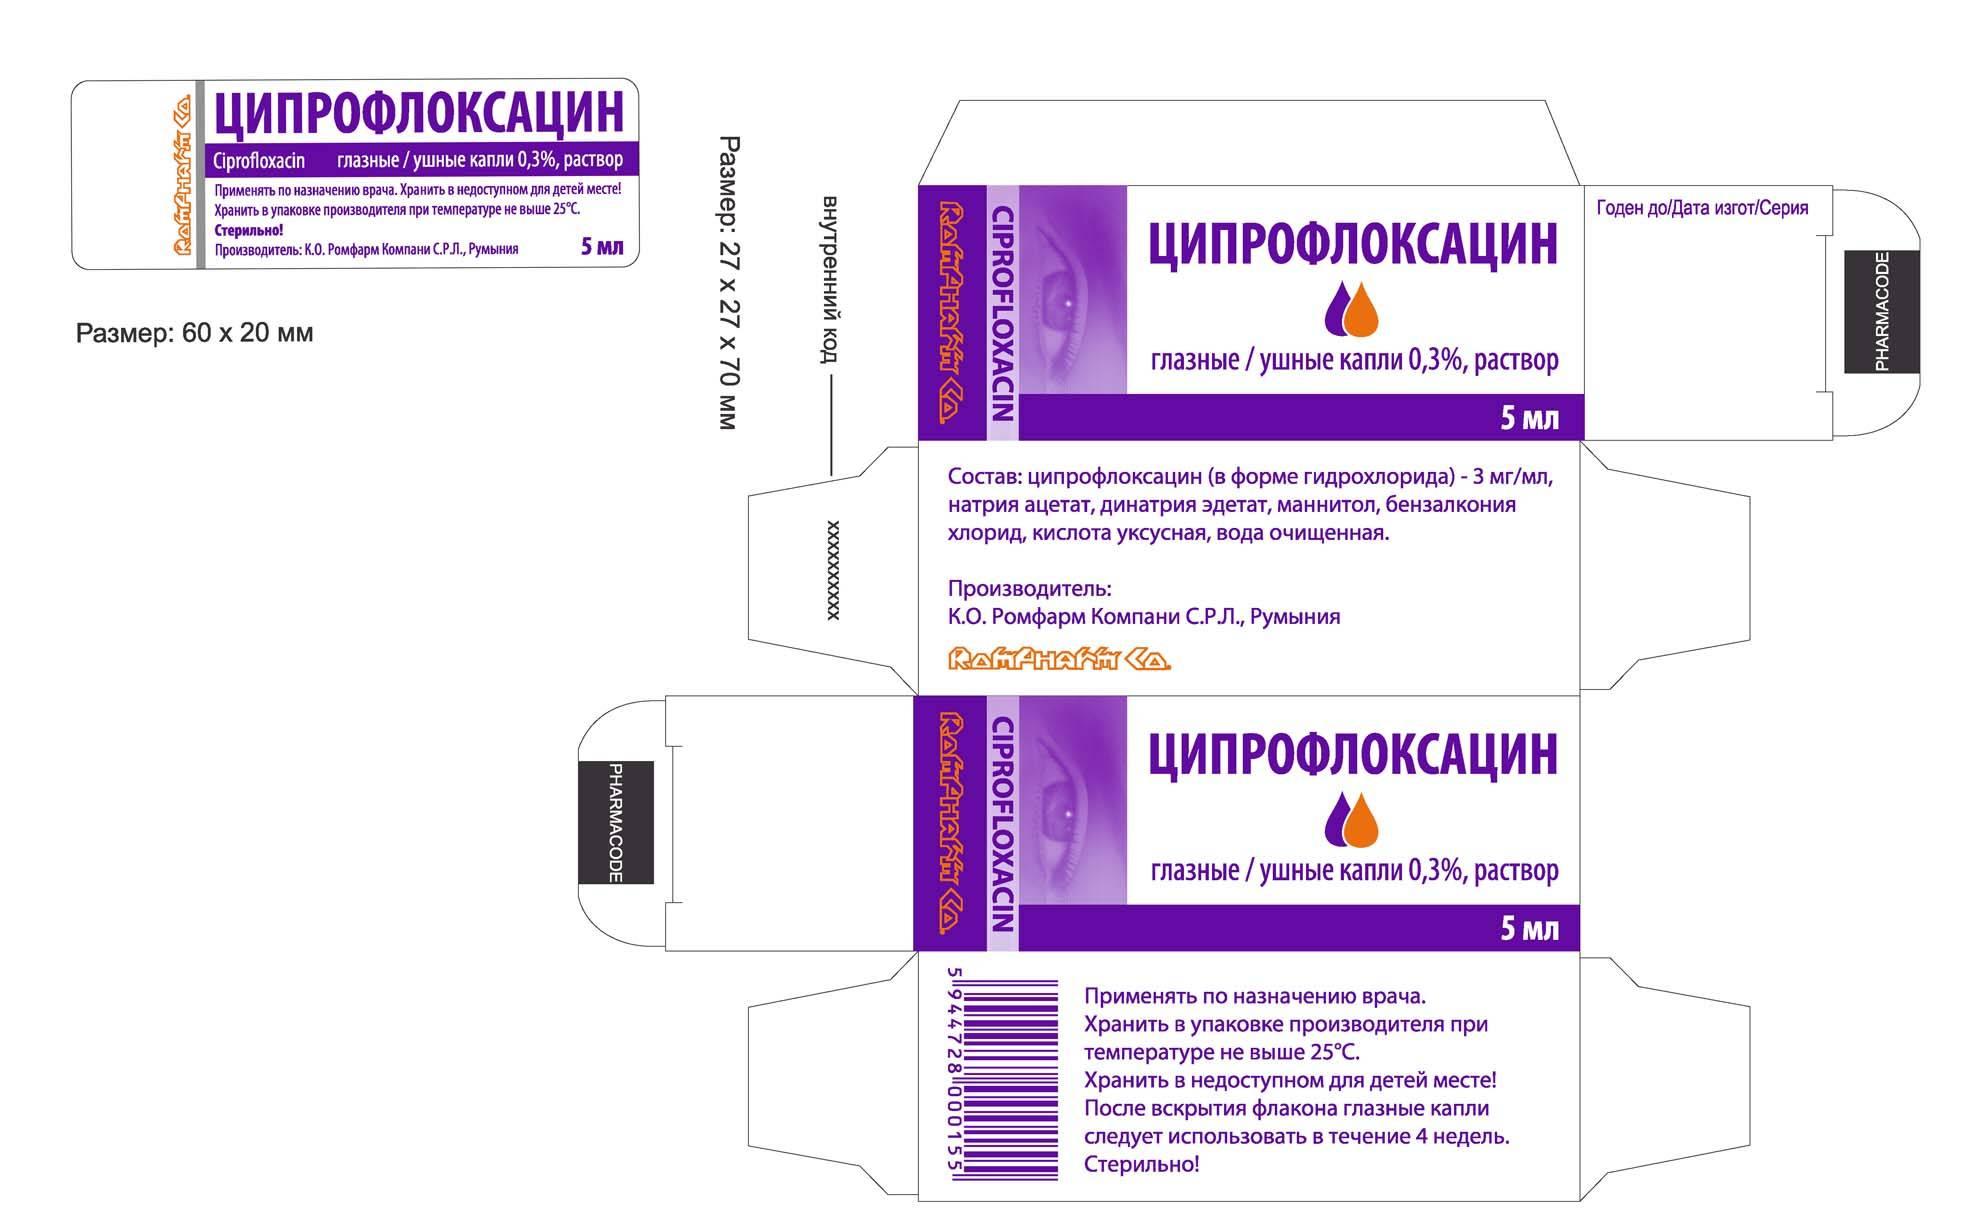 Раствор в/в, глазные капли и таблетки ципрофлоксацин: инструкция по применению, цена, отзывы. аналоги и показания к применению - medside.ru